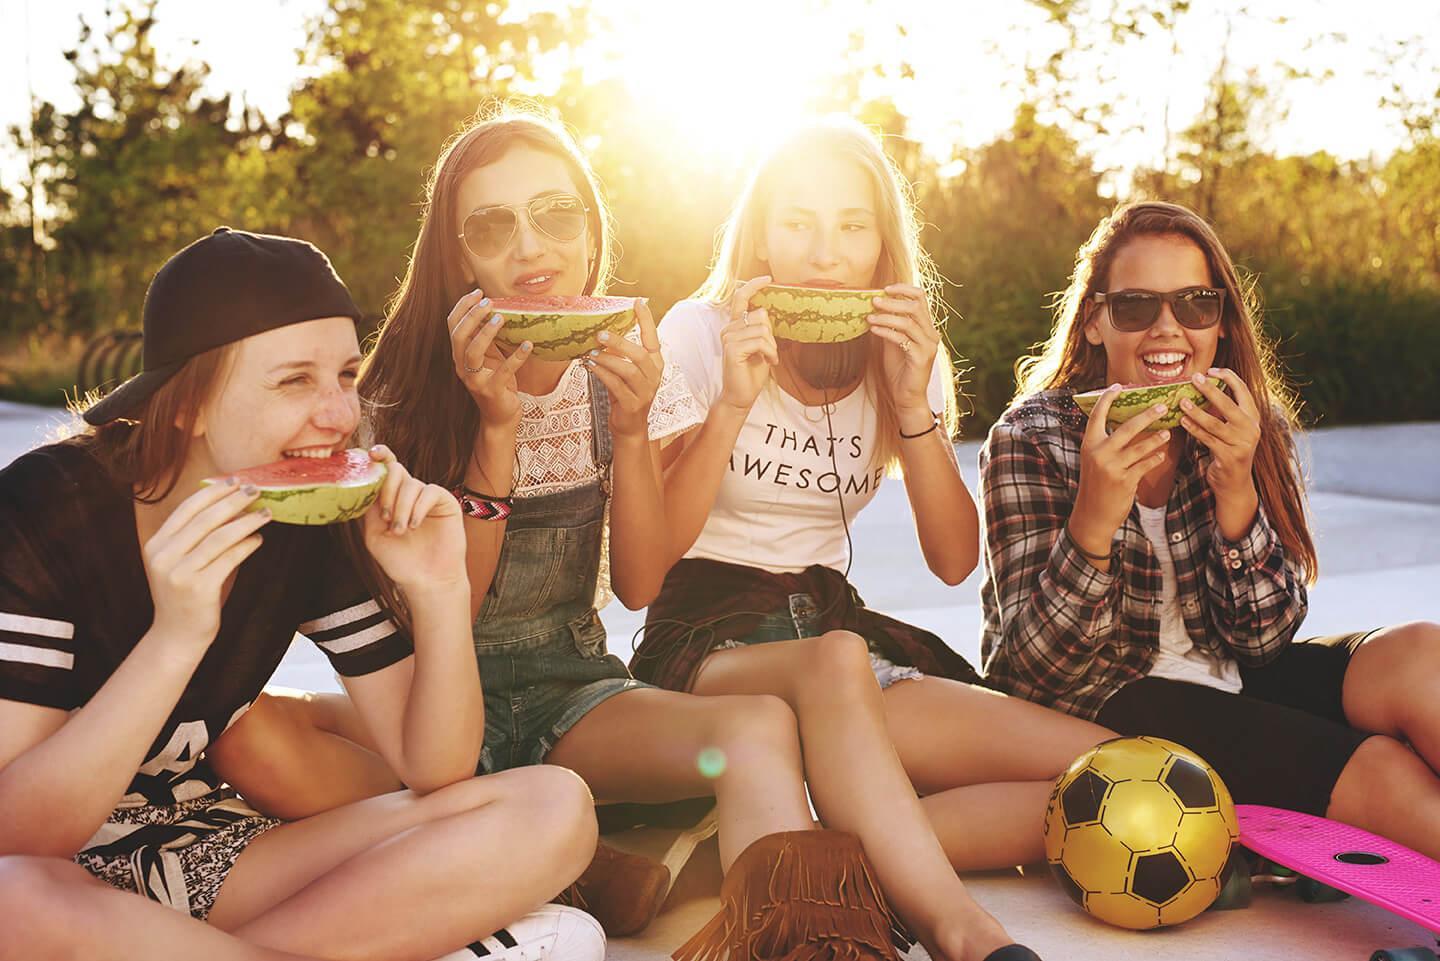 Vier Teenager-Mädchen teilen sich an einem sonnigen Sommerabend Wassermelone.